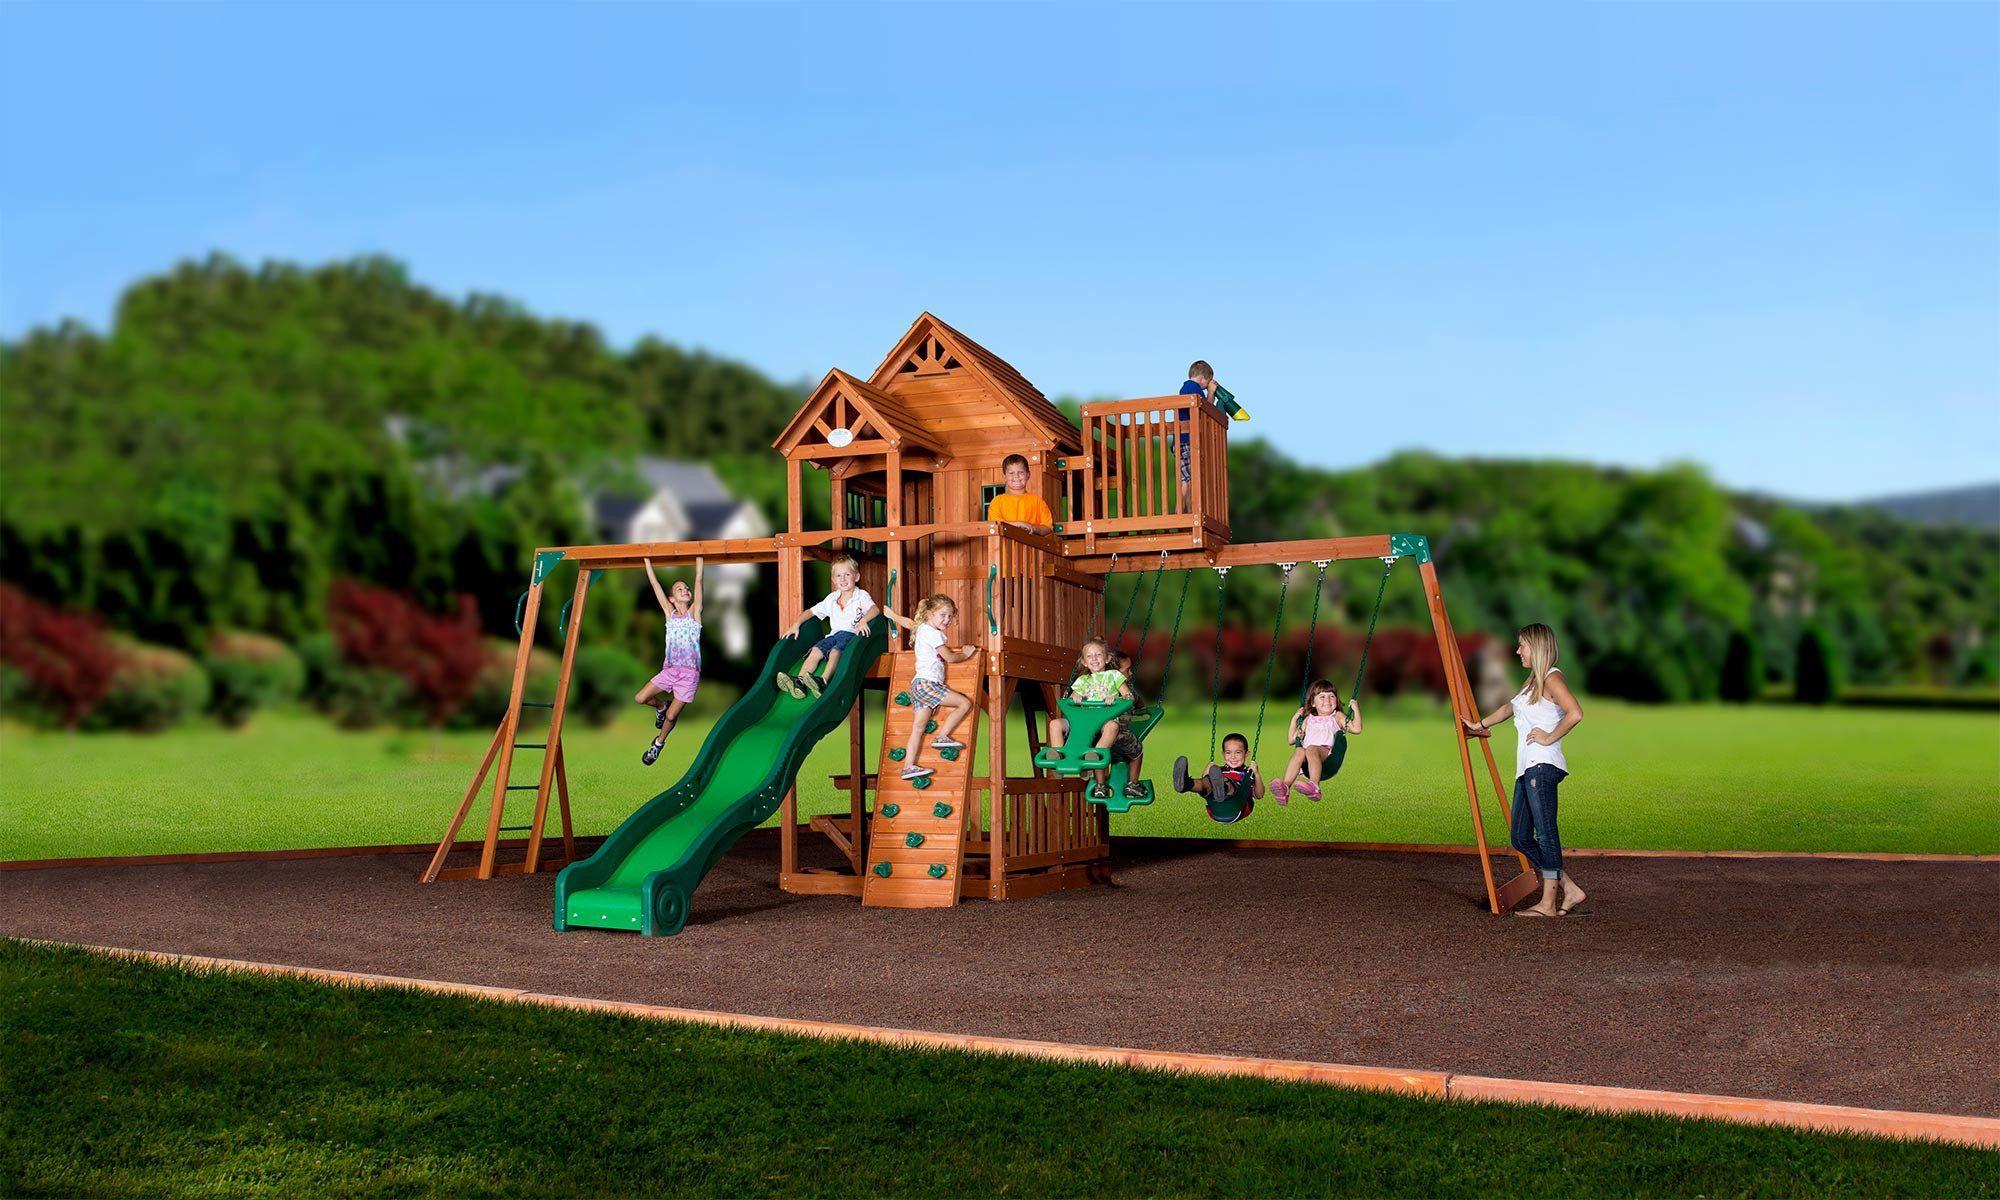 Skyfort Ii Wooden Swing Set Wooden Swing Set Kids Wooden Playhouse Kids Swing